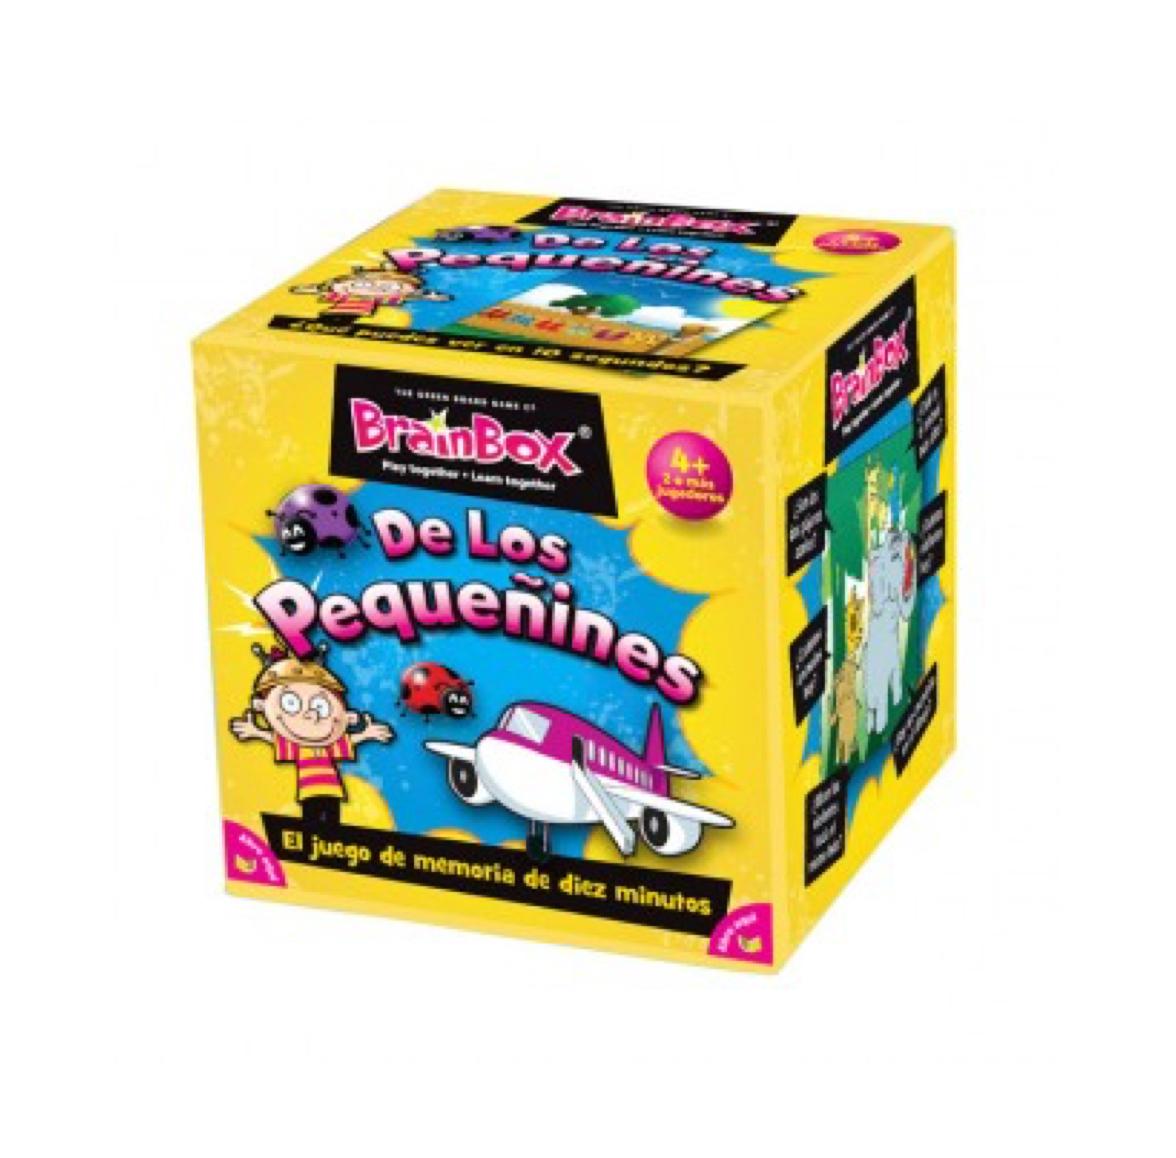 juego-de-memoria-de-los-pequeñines-de-brainbox-en-el-mundo-de-mico